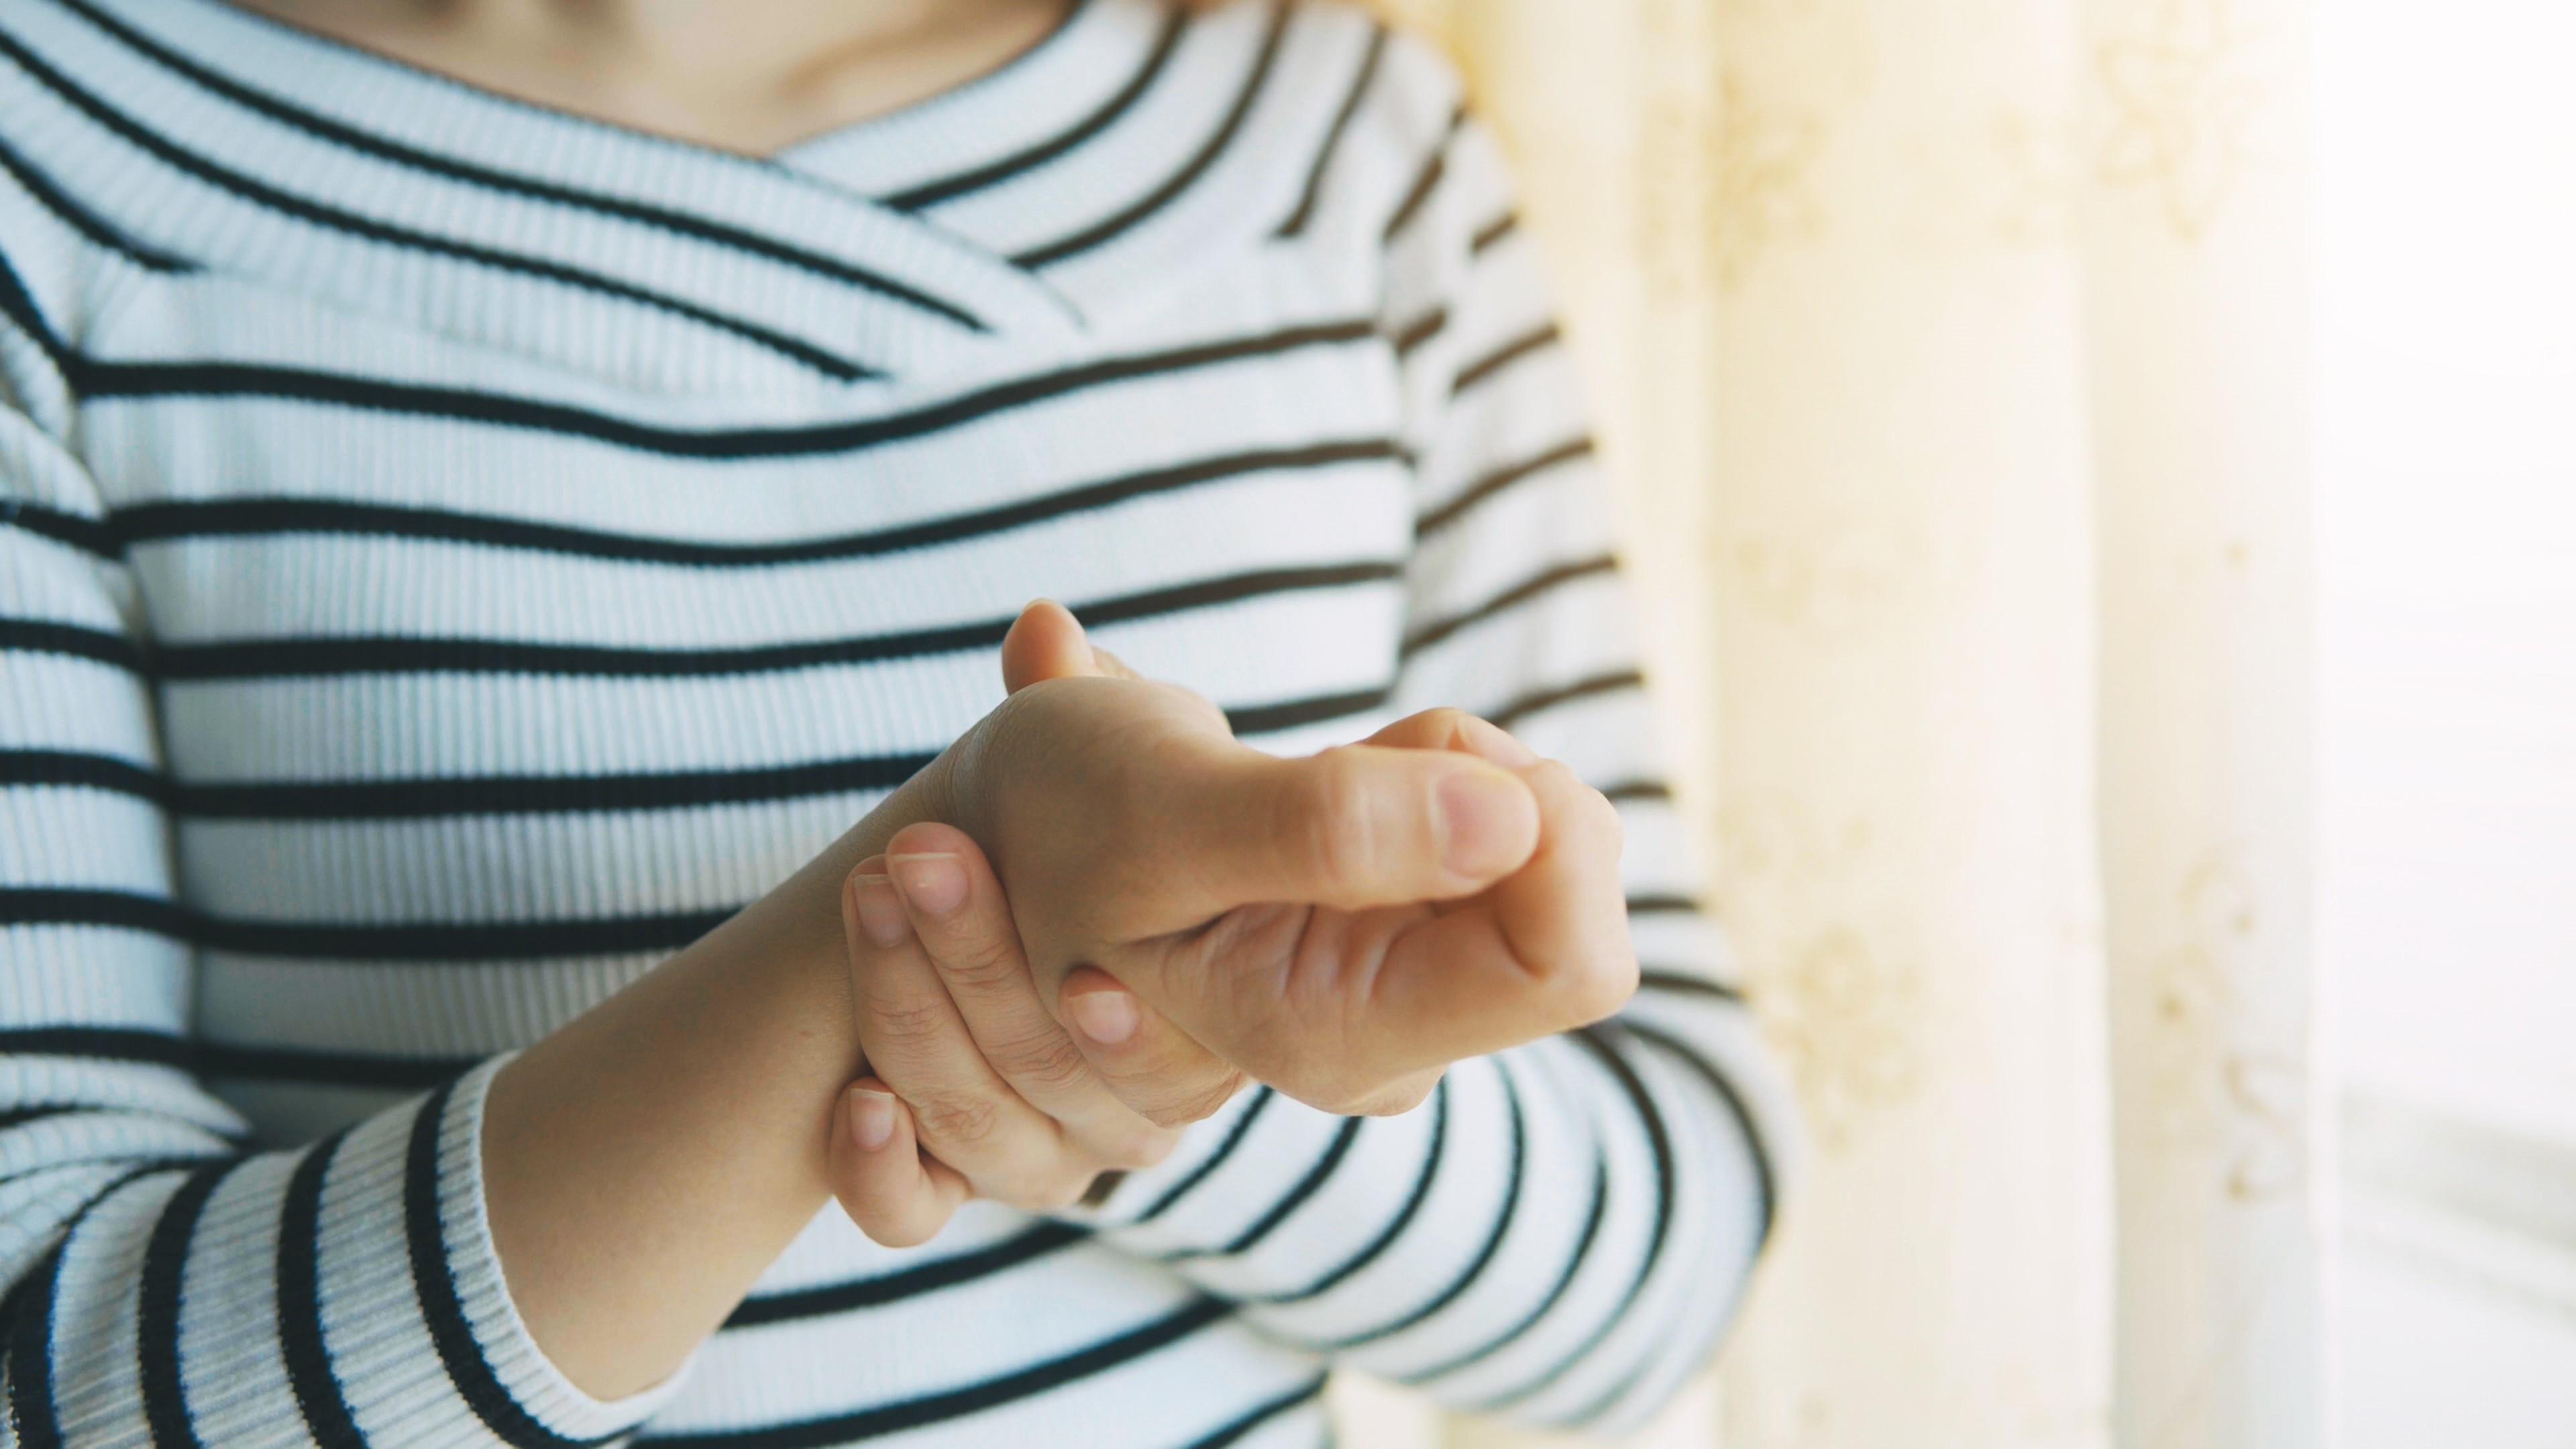 nagy lábujj ízületi gyulladáscsillapító tabletták)